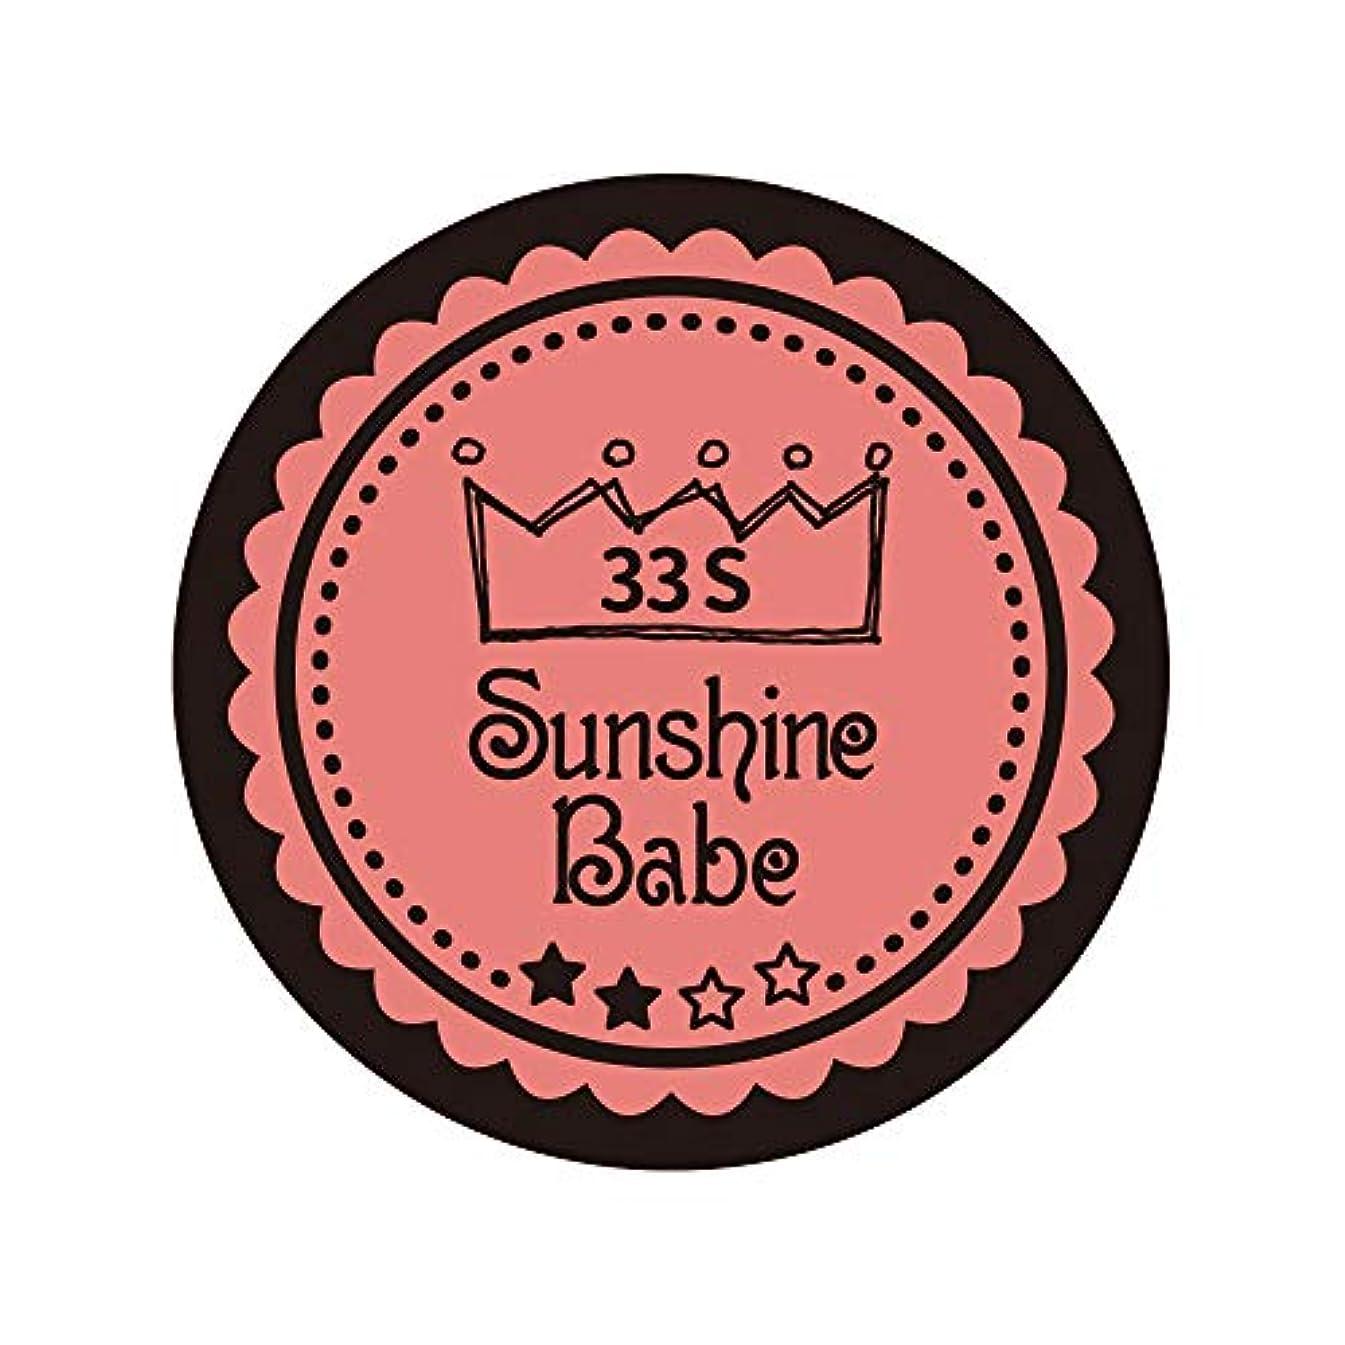 サミット薬局実証するSunshine Babe カラージェル 33S ベイクドコーラルピンク 2.7g UV/LED対応